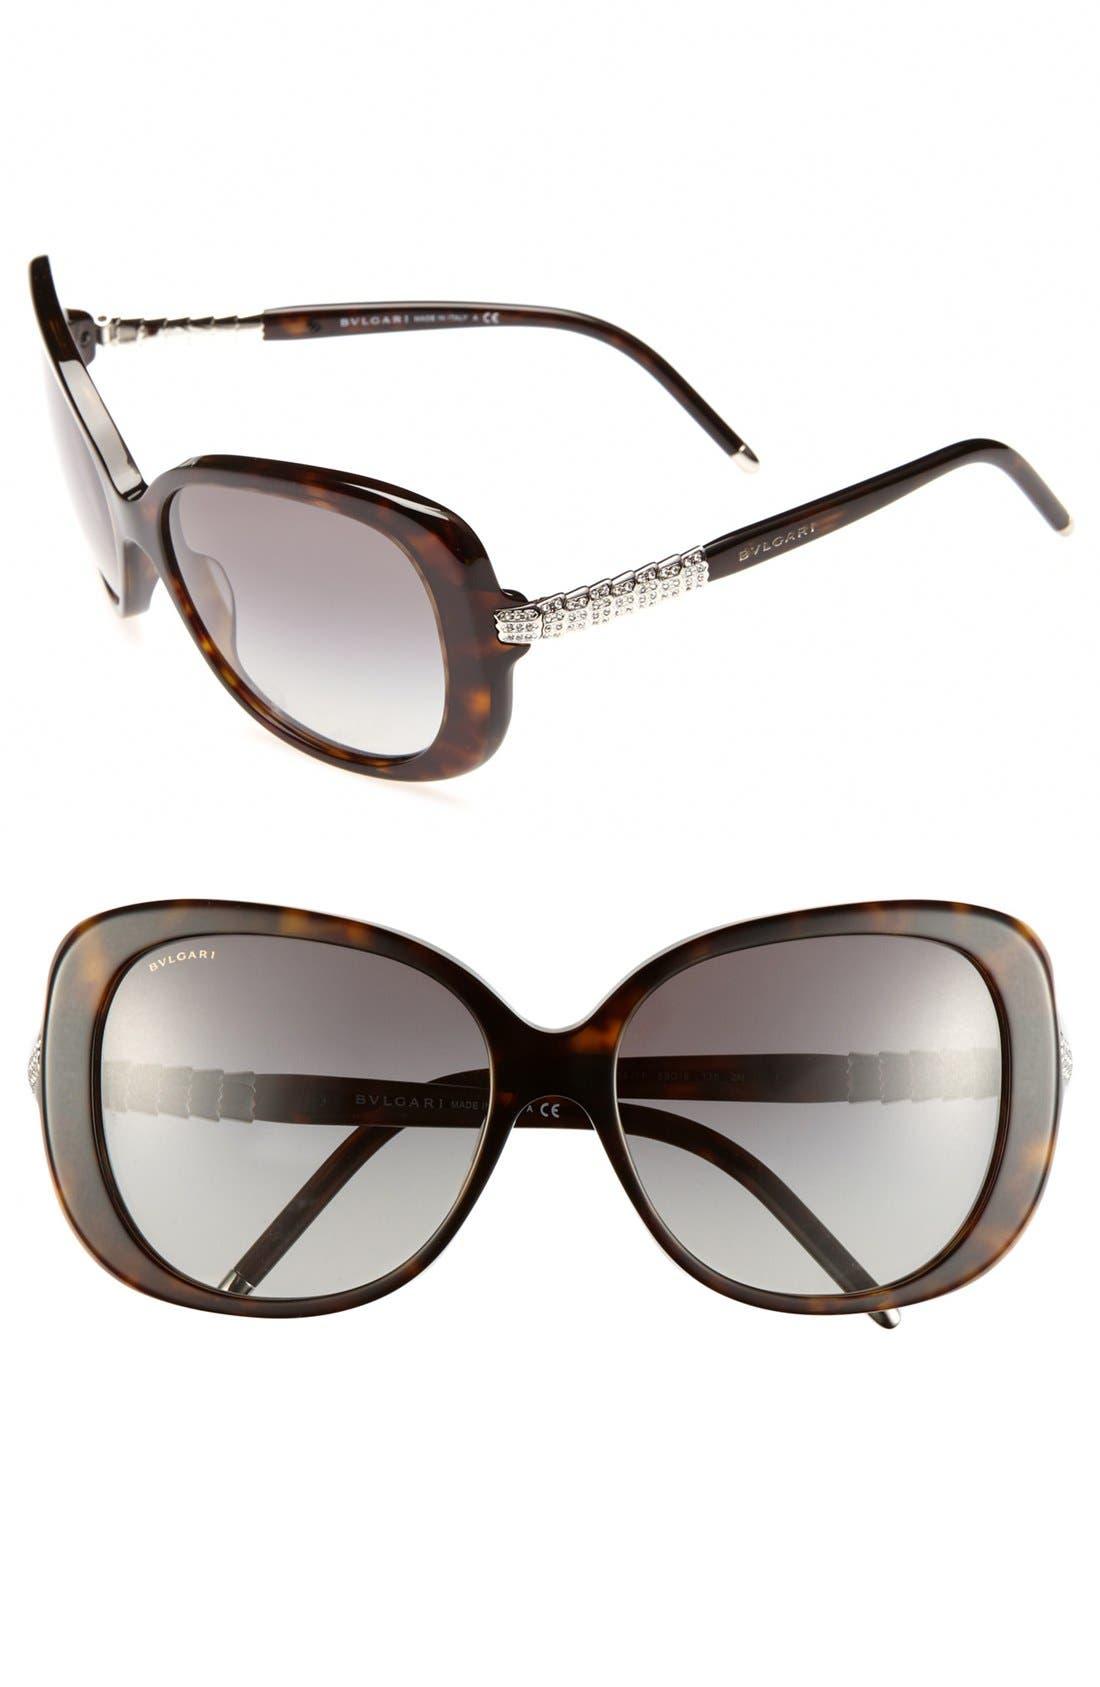 Main Image - BVLGARI 59mm Retro Sunglasses